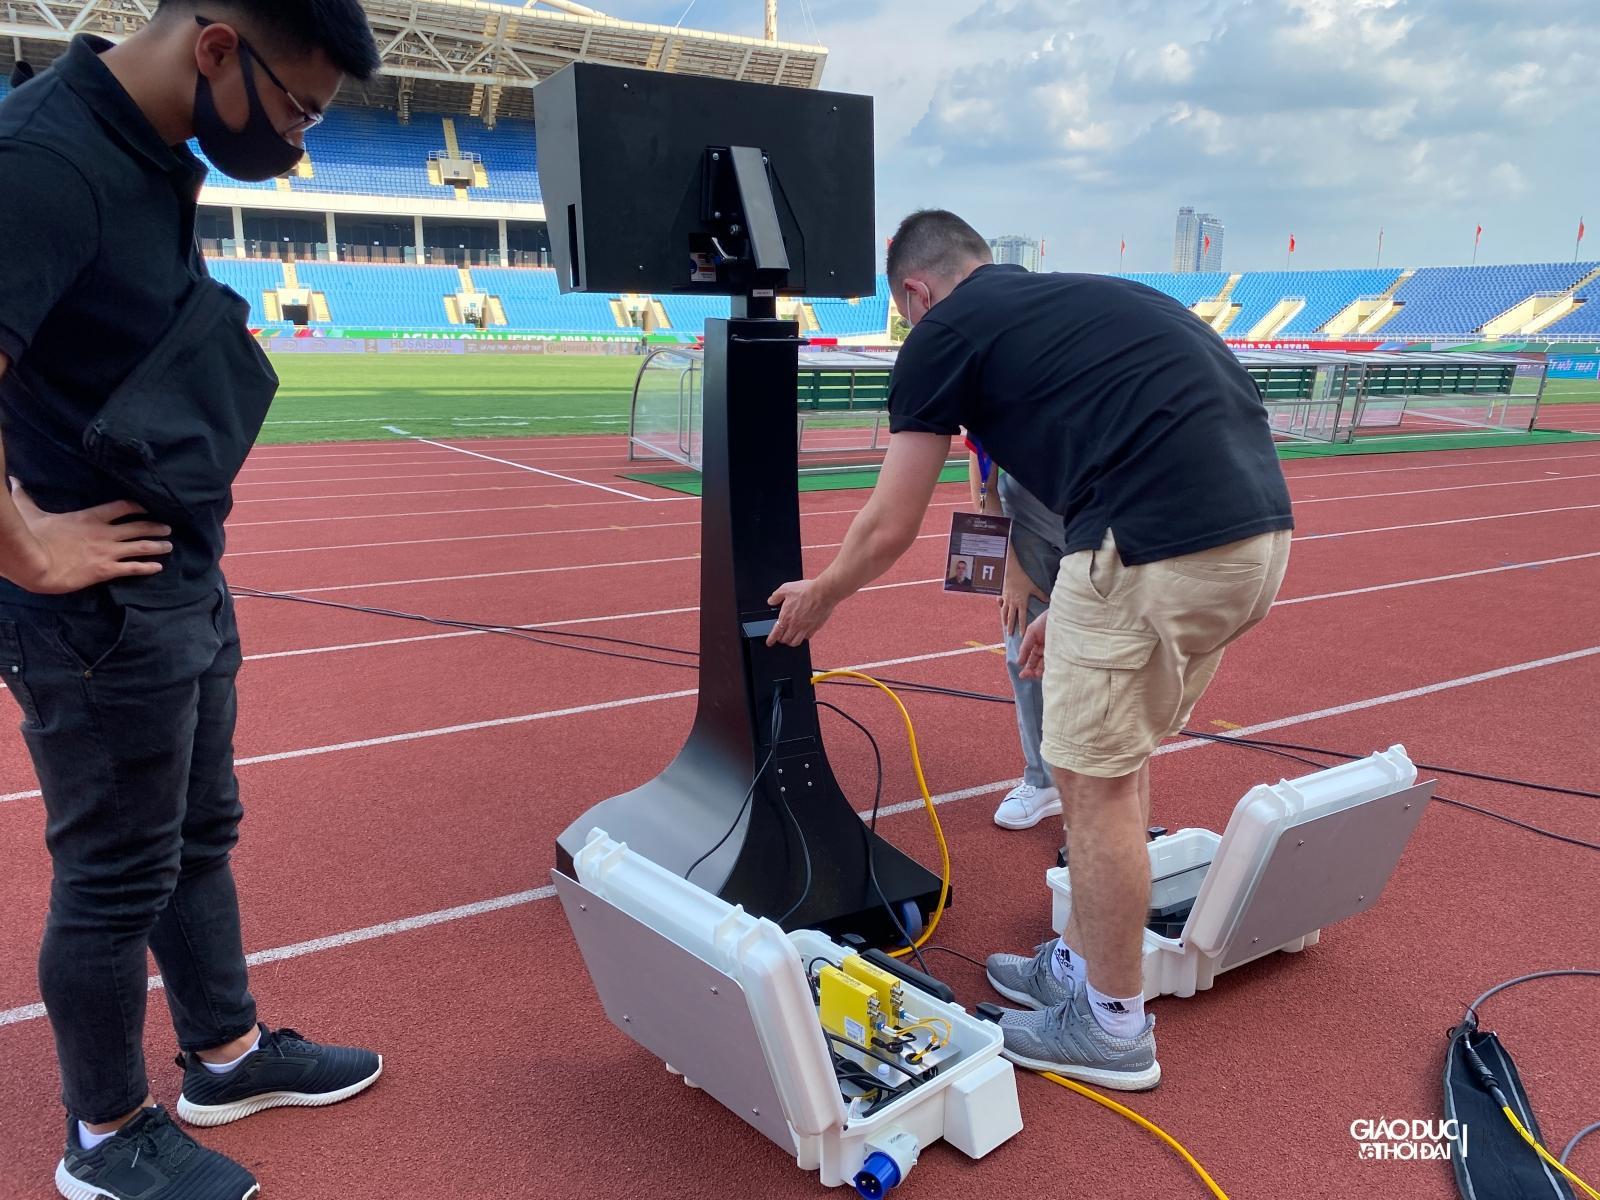 Công nghệ phục vụ cho trọng tài chính xem lại các tình huống trên sân nhằm xác định chính xác lỗi vi phạm của các cầu thủ.